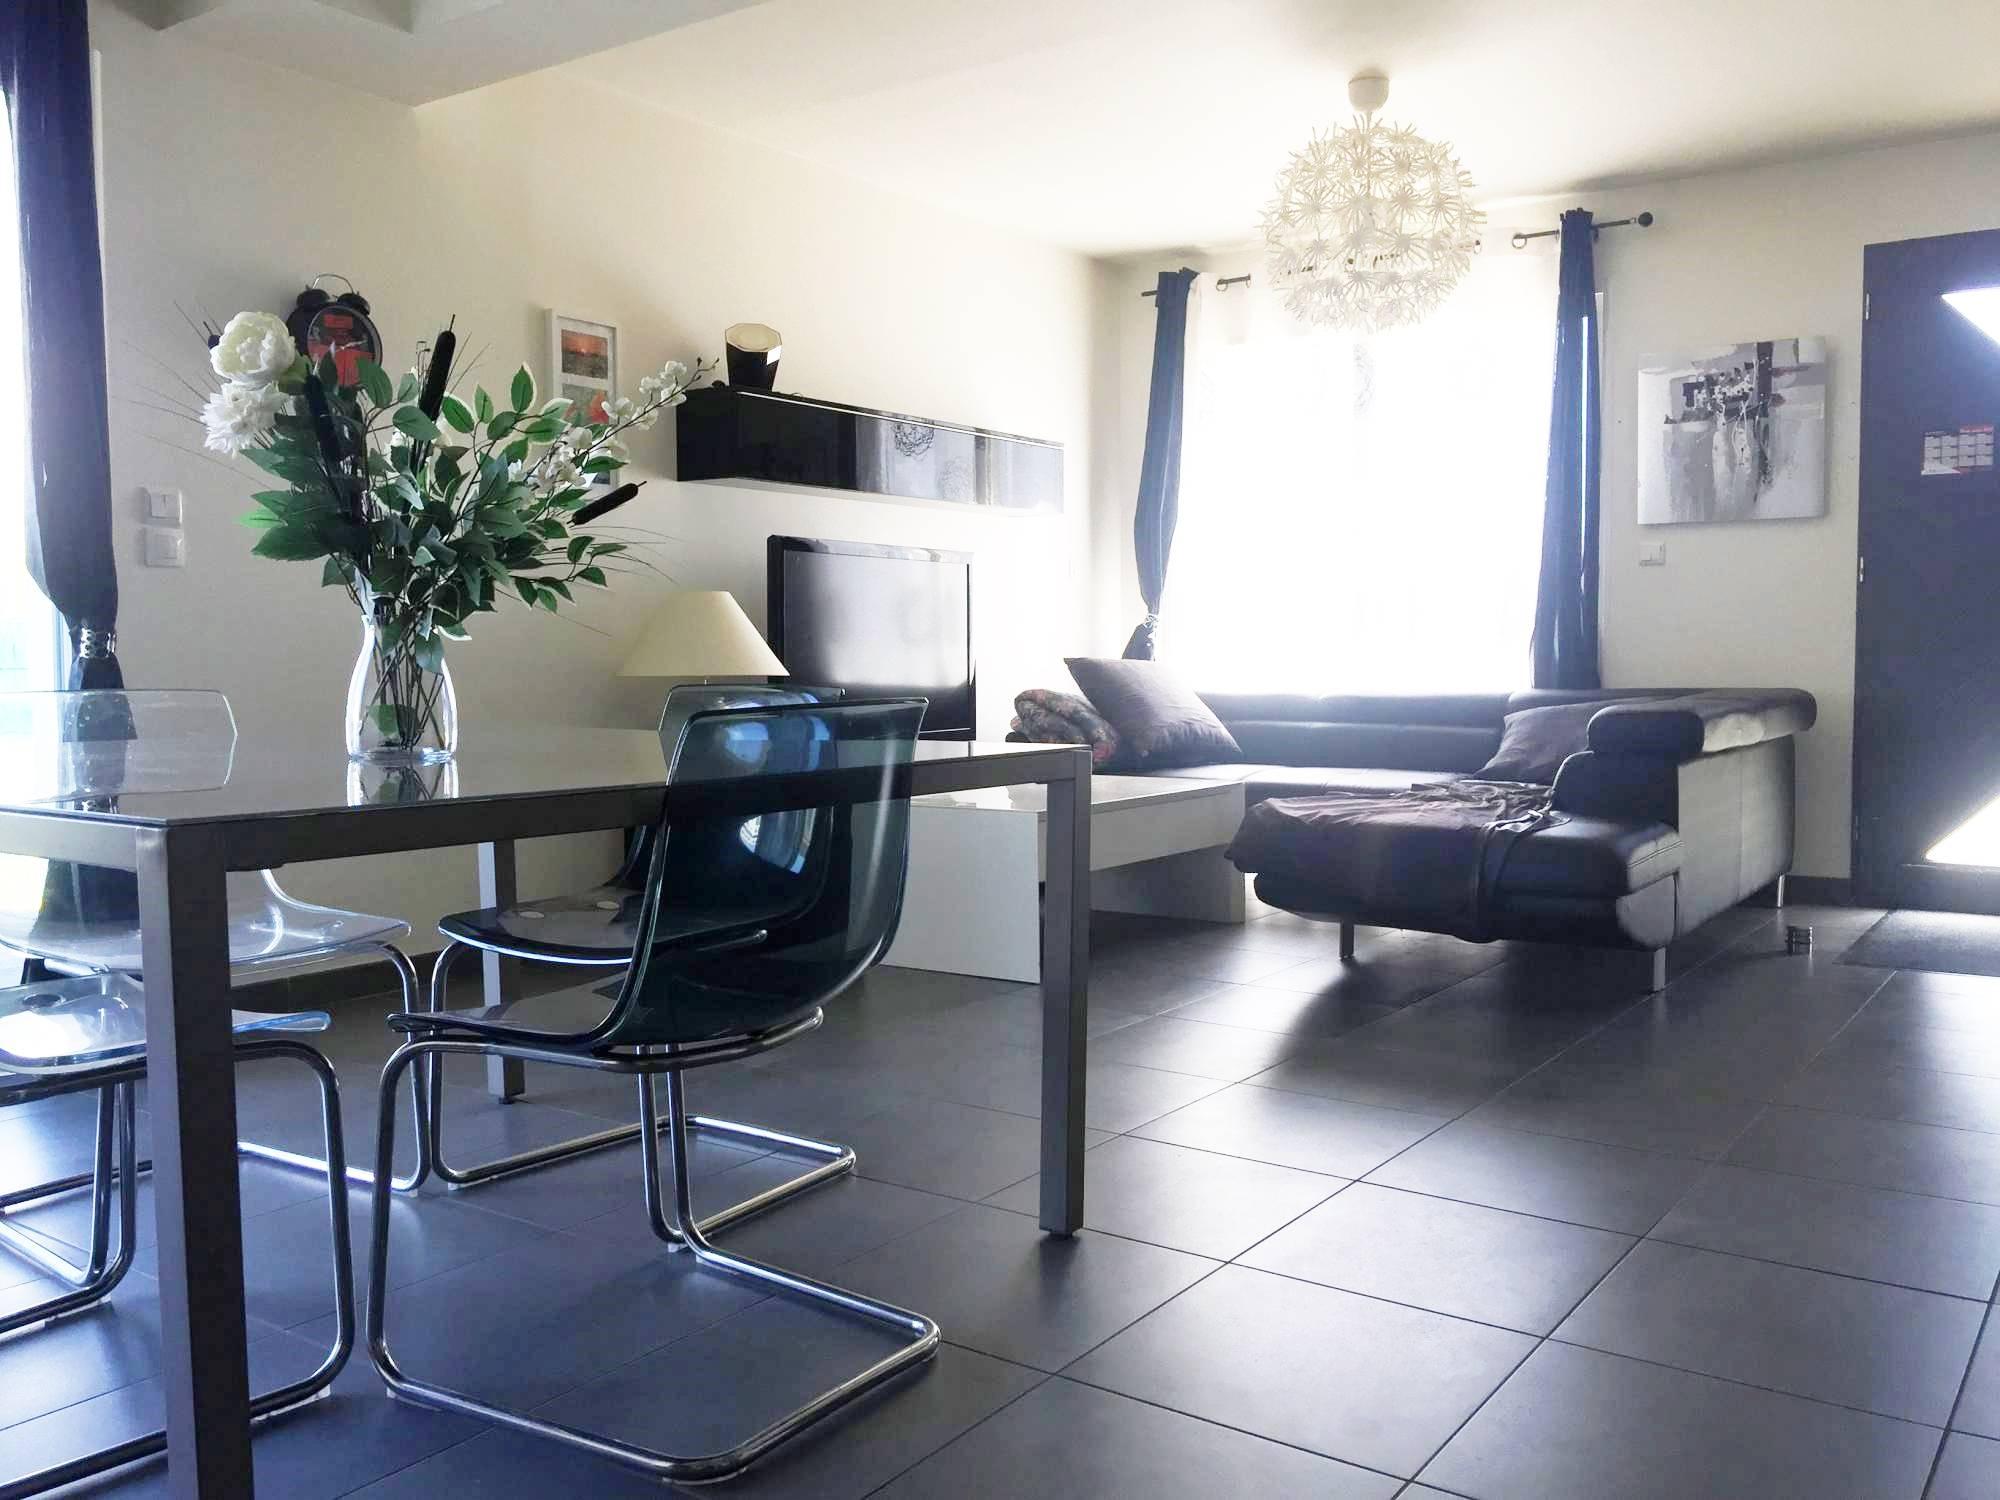 Maison A Vendre 4 Chambres A Saint Etienne Du Rouvray 76800 Monceau Immobilier